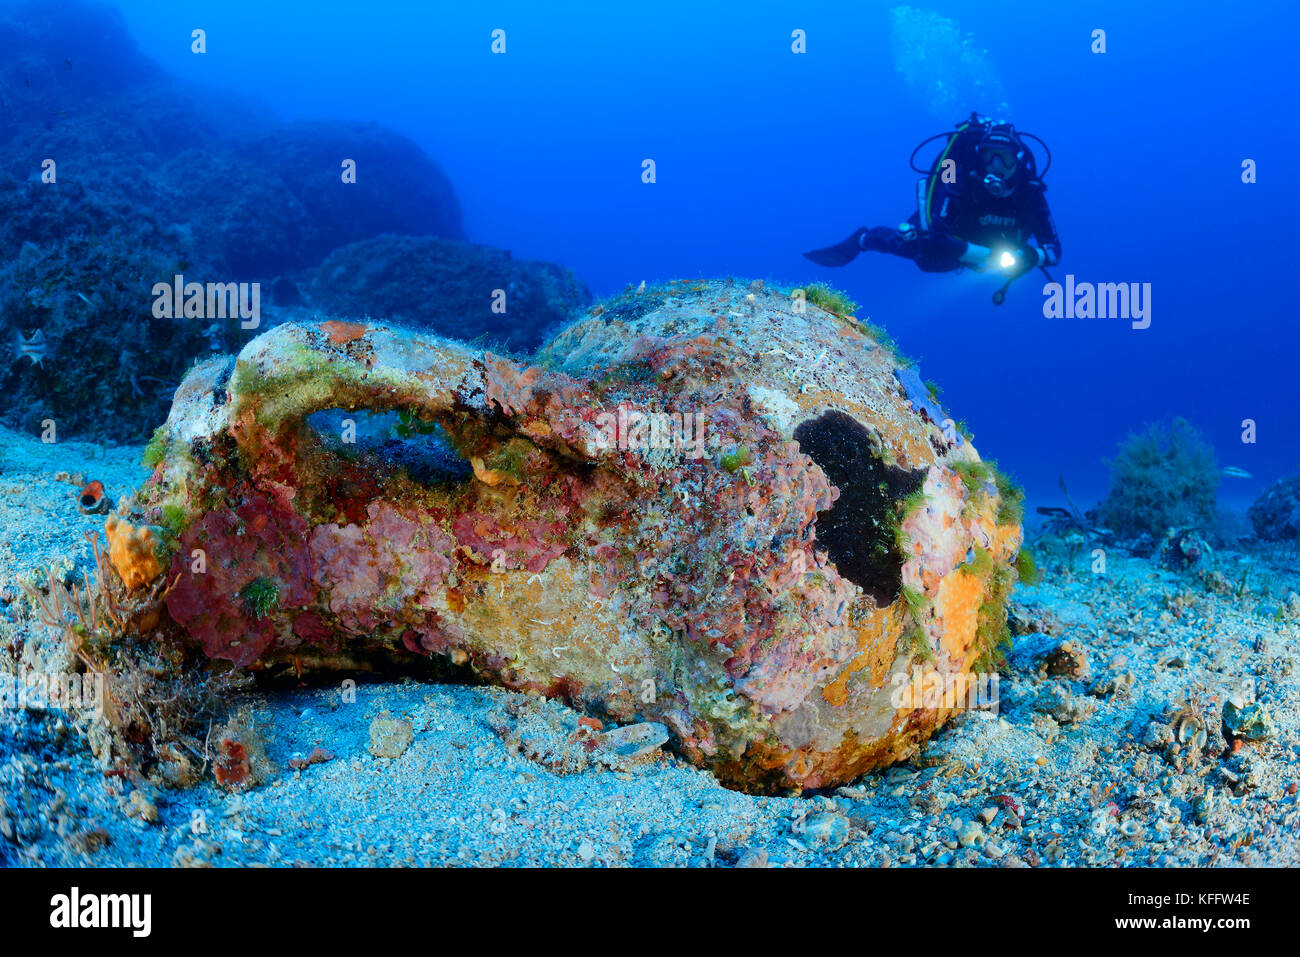 Anfora subacquea e scuba diver, mare adriatico, mare mediterraneo, isola di Lastovo, Dalmazia, Croazia, signor sì Immagini Stock